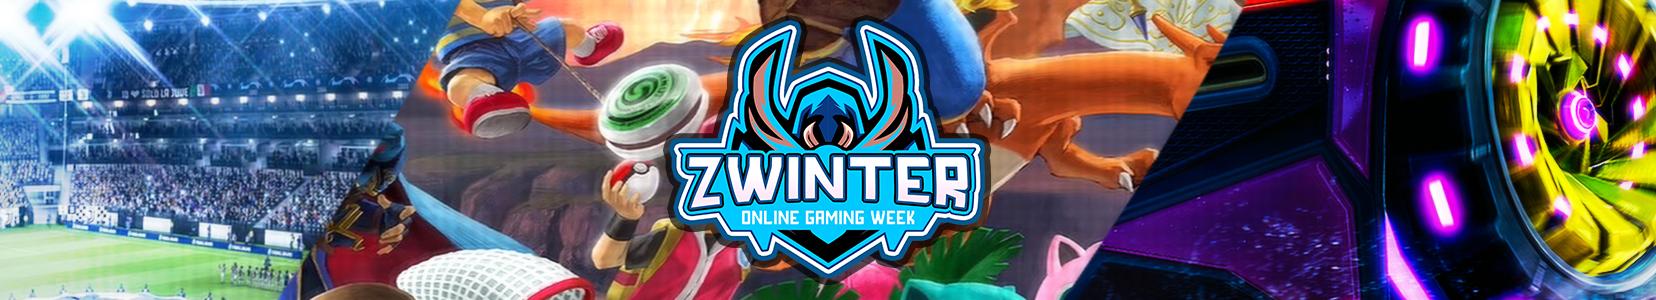 Banner alargado de portada en el torneo oficial ZWinter